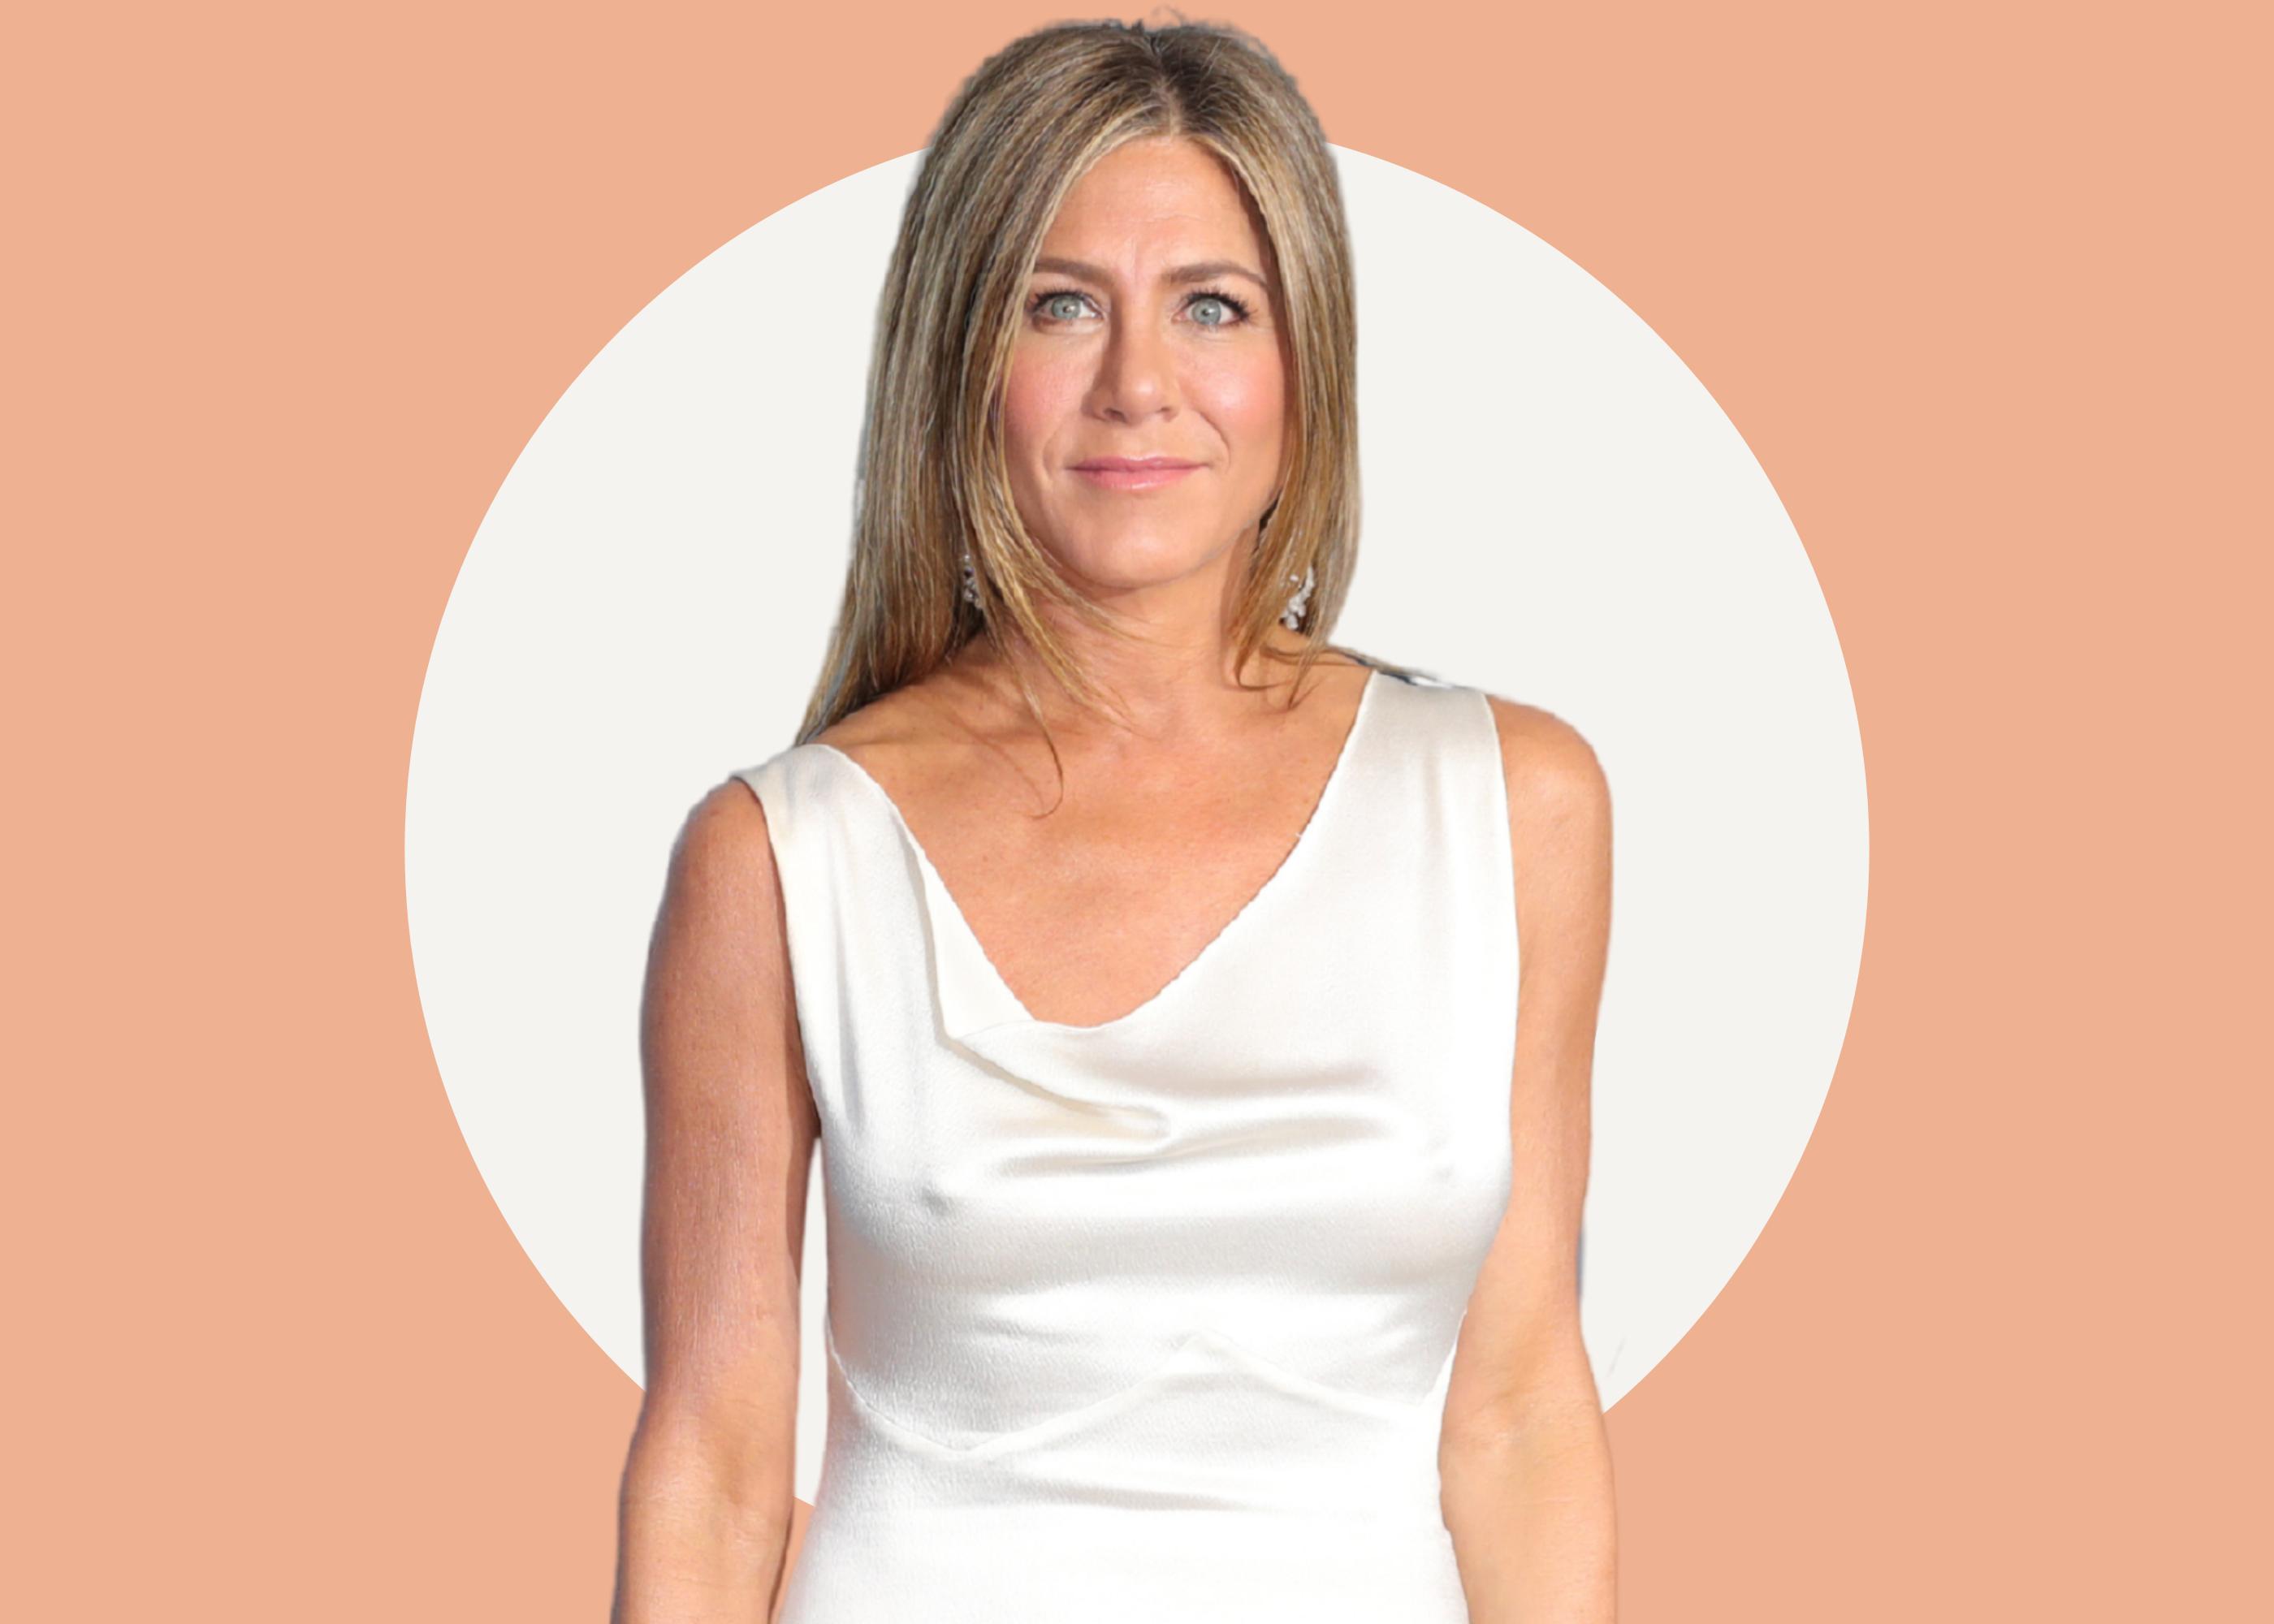 Dženifer Aniston je kraljica minimalističkog stila